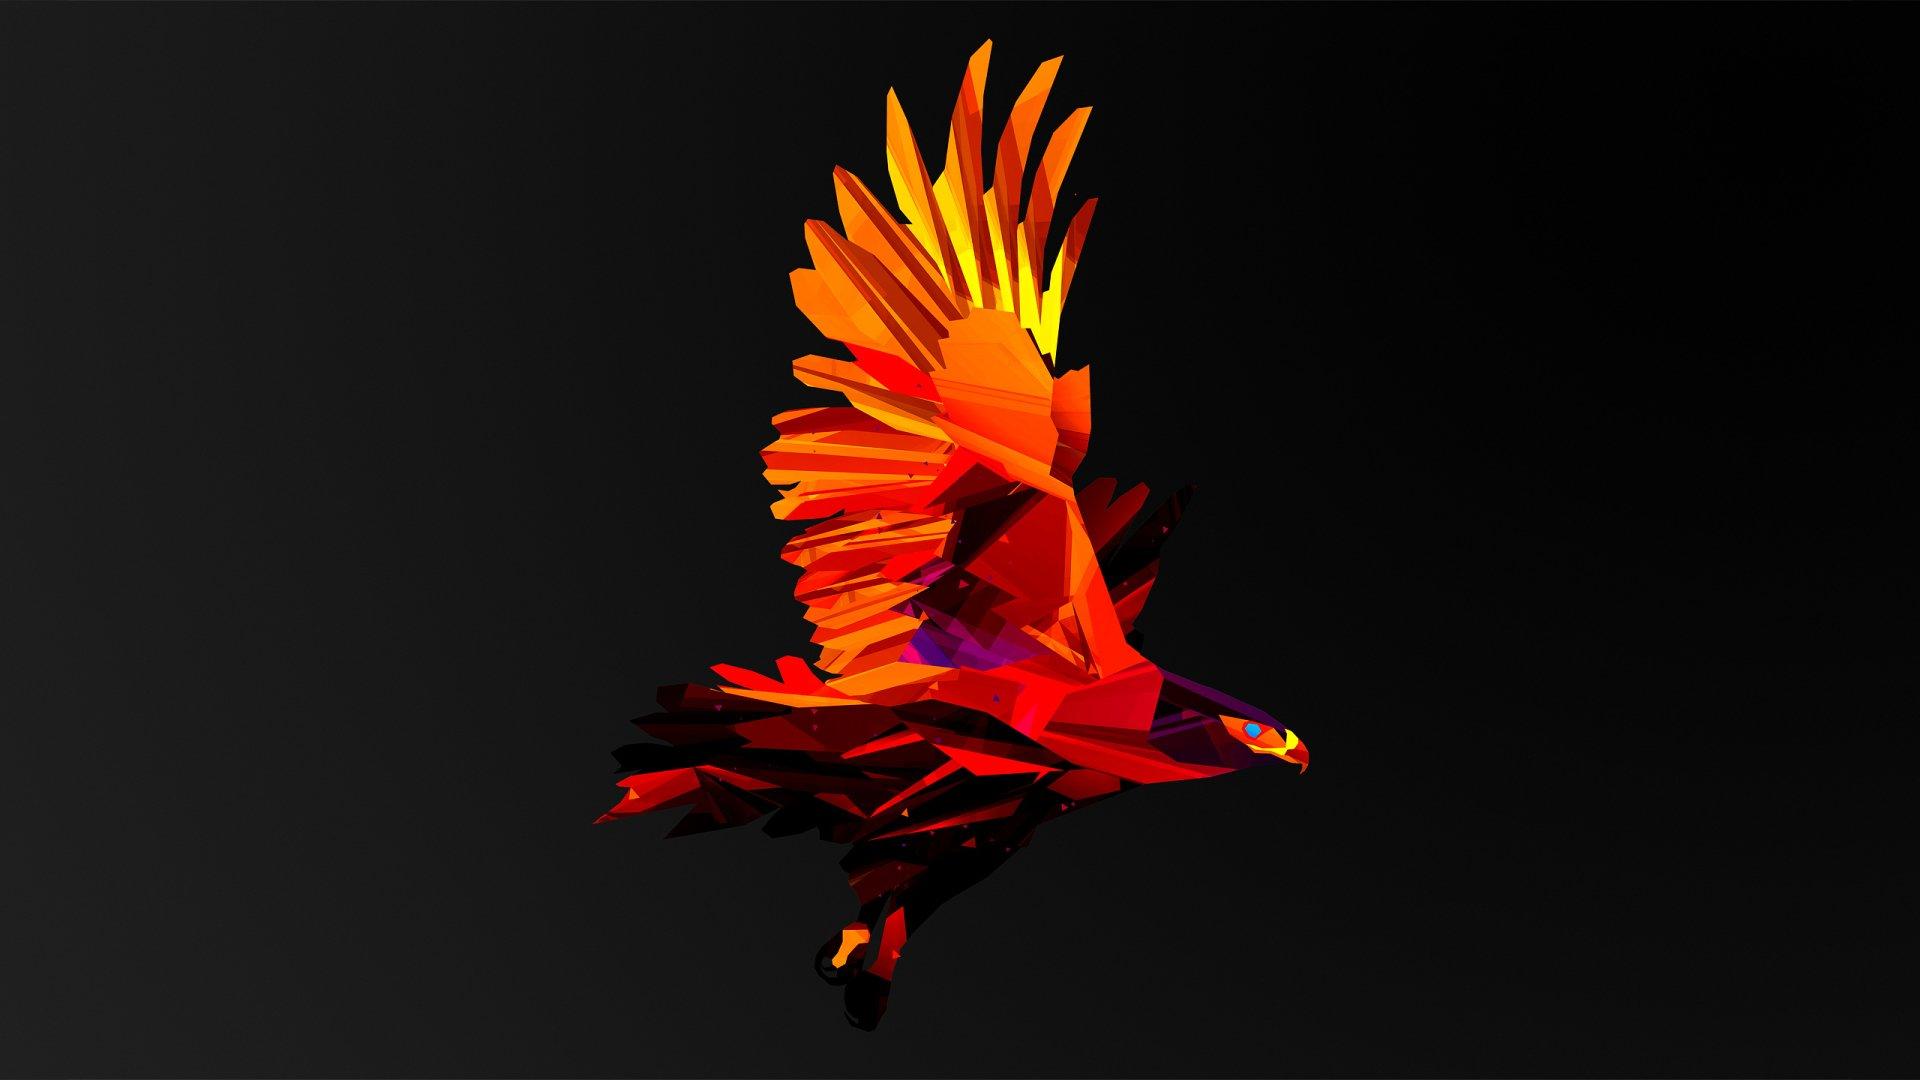 Hình nền đại bàng phong cách trừu tượng